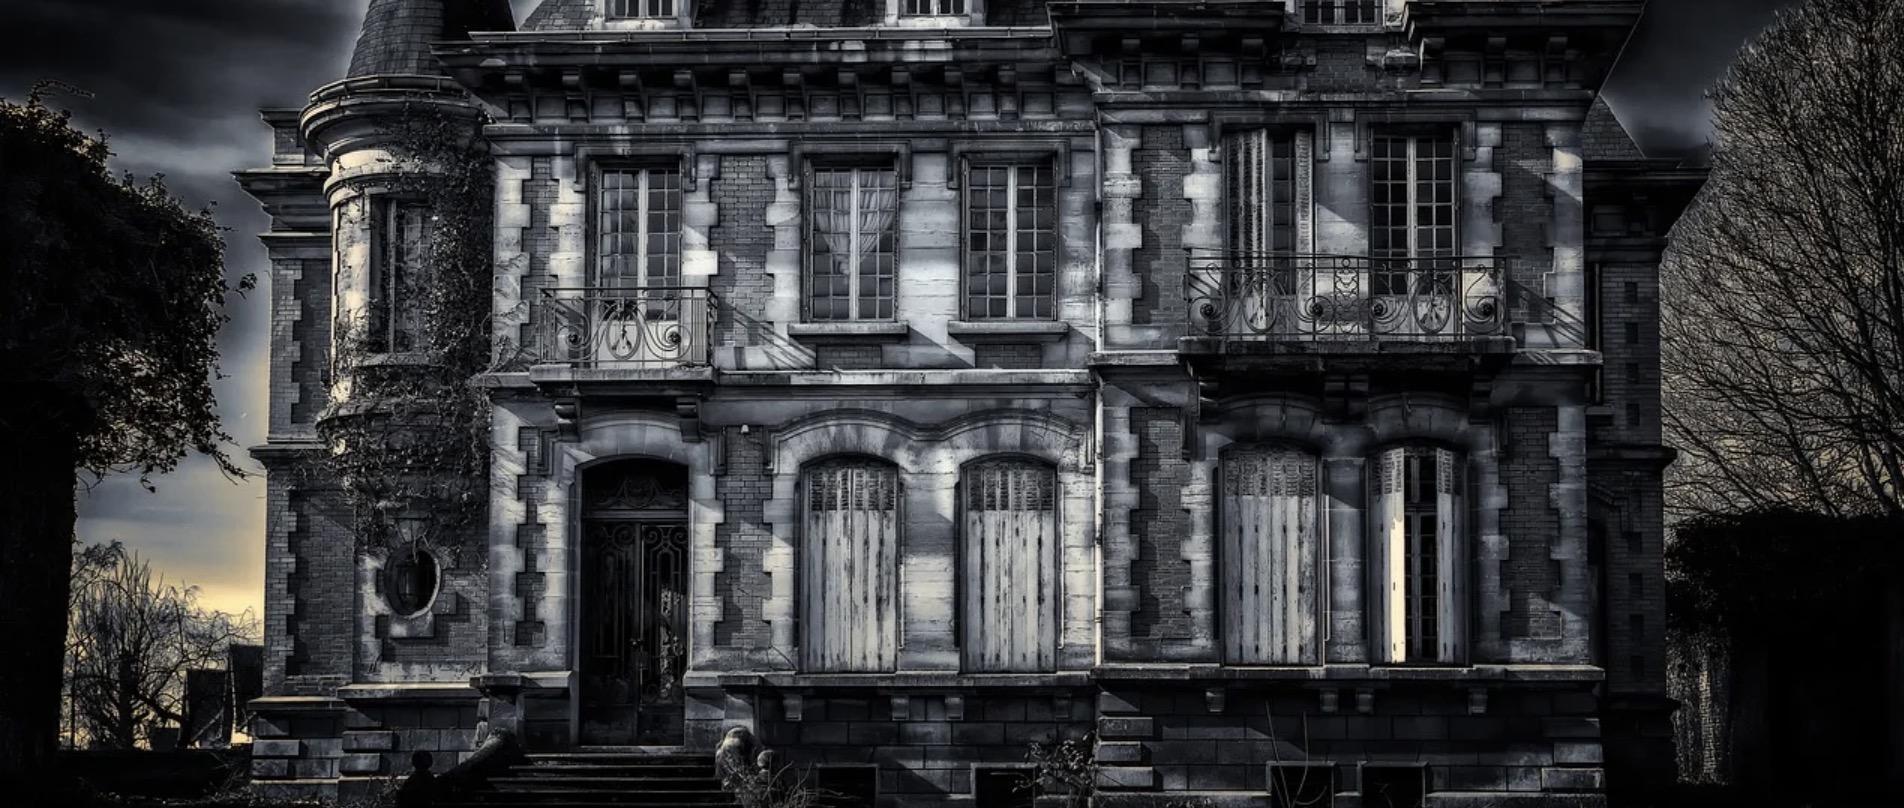 Comment retracer l'histoire d'une maison ?